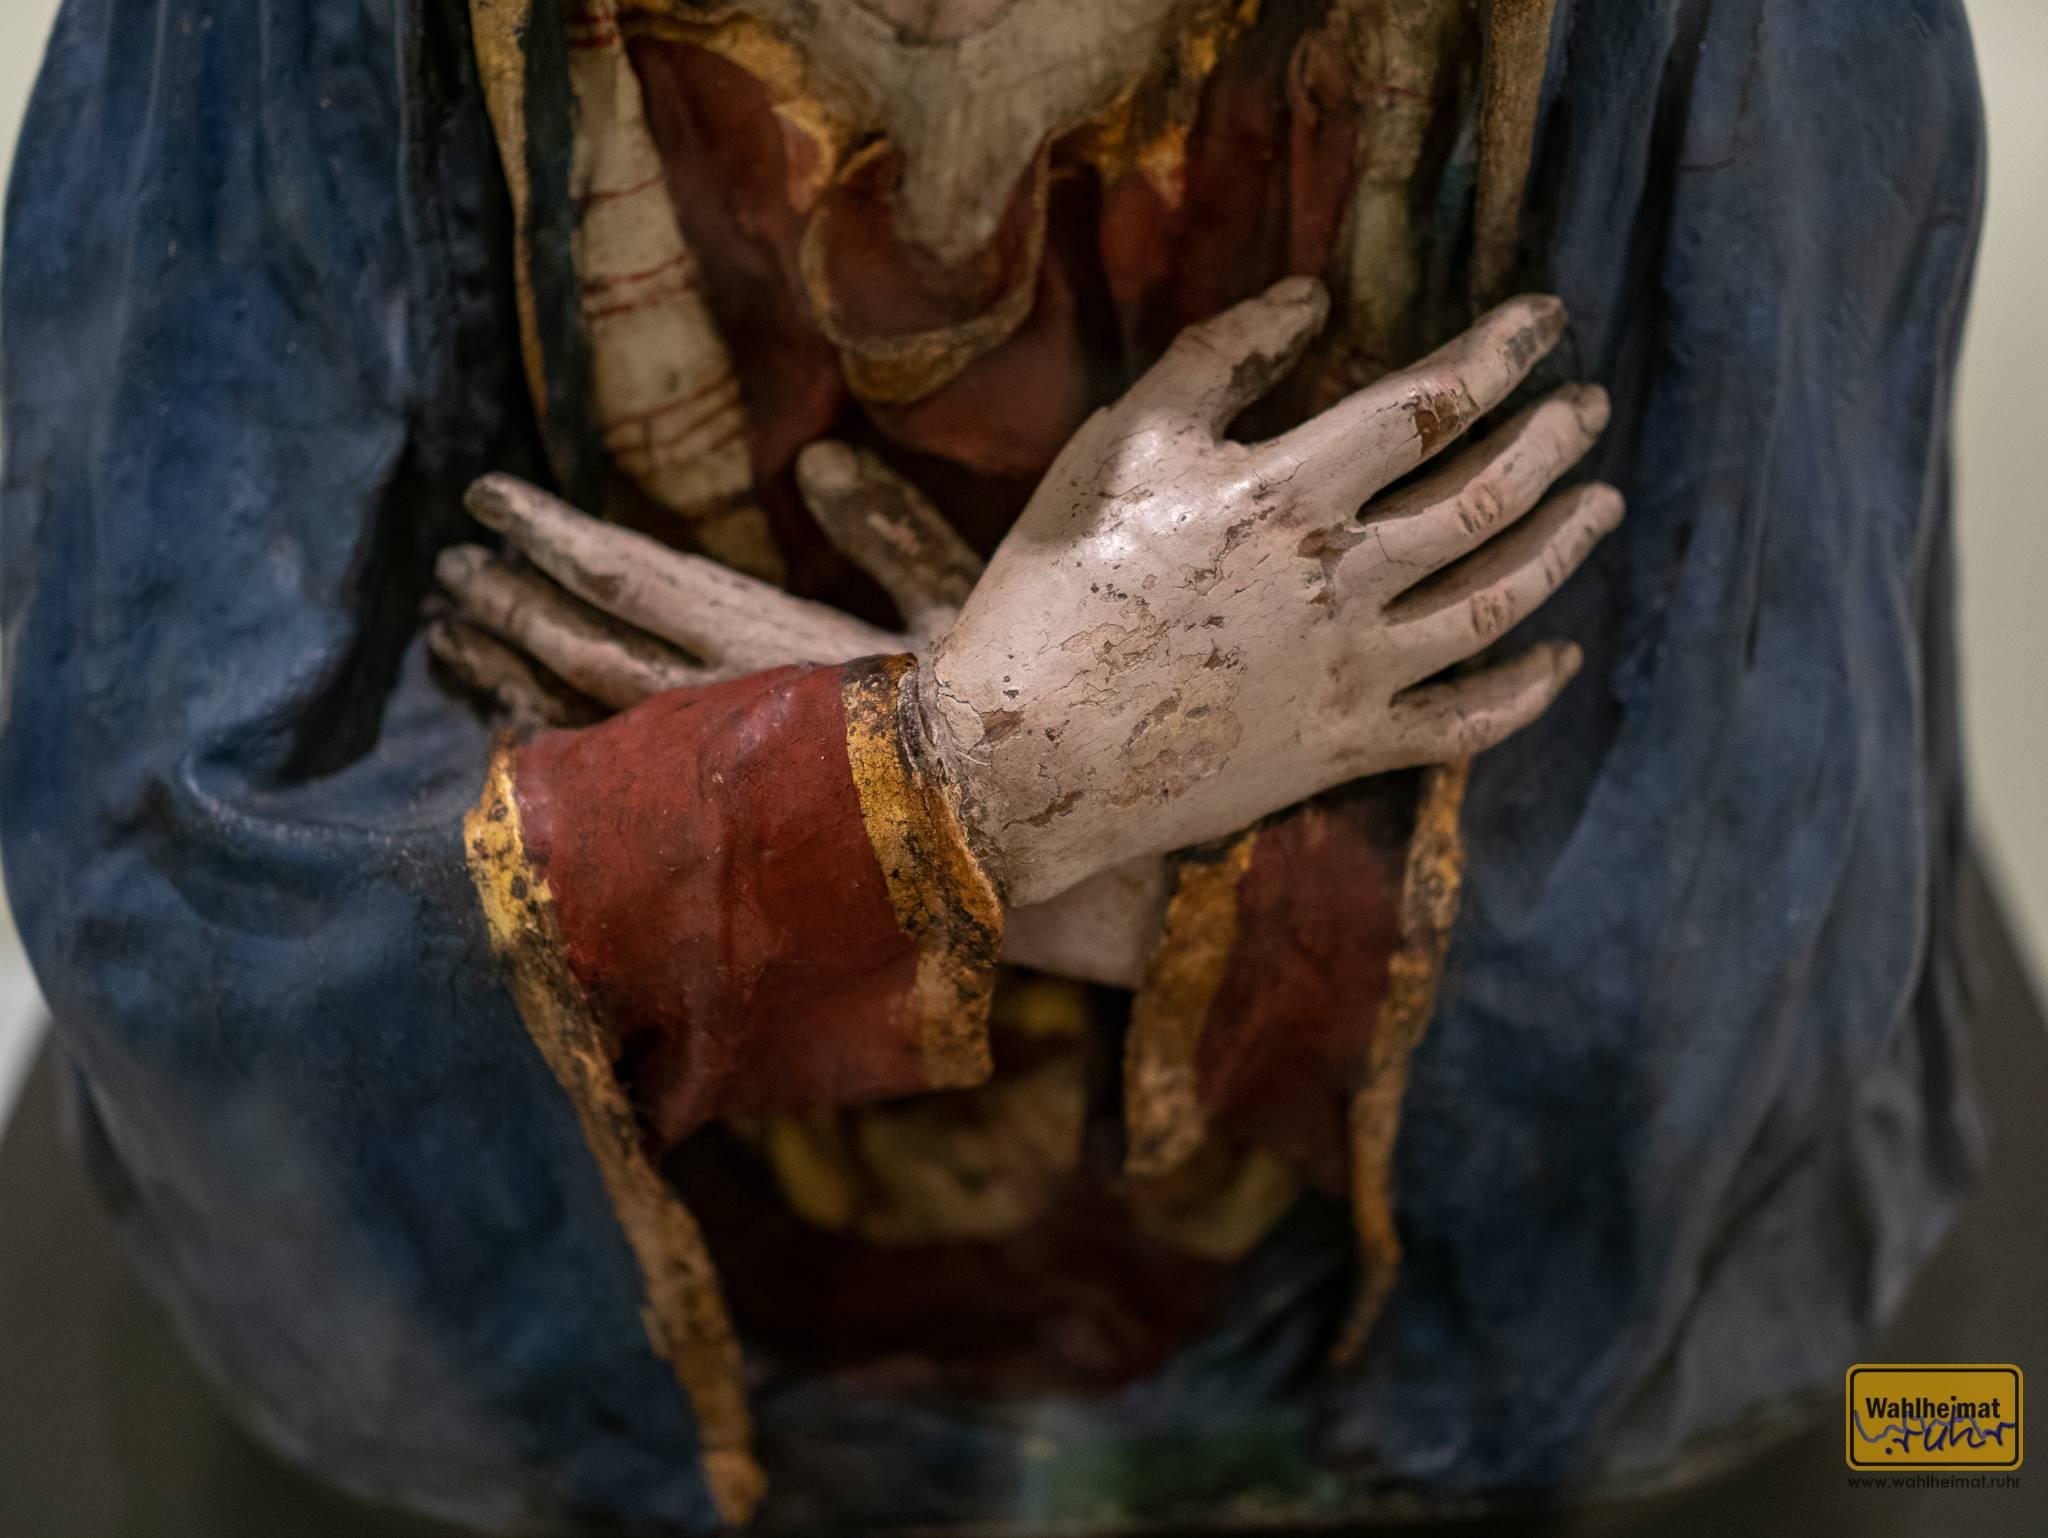 """Pedro de Mena hat im 17. Jh. die """"Mater dolorosa"""" geschaffen. Ich habe ihre gefalteten Hände als das Titelbild dieses Blogbeitrags gewählt."""